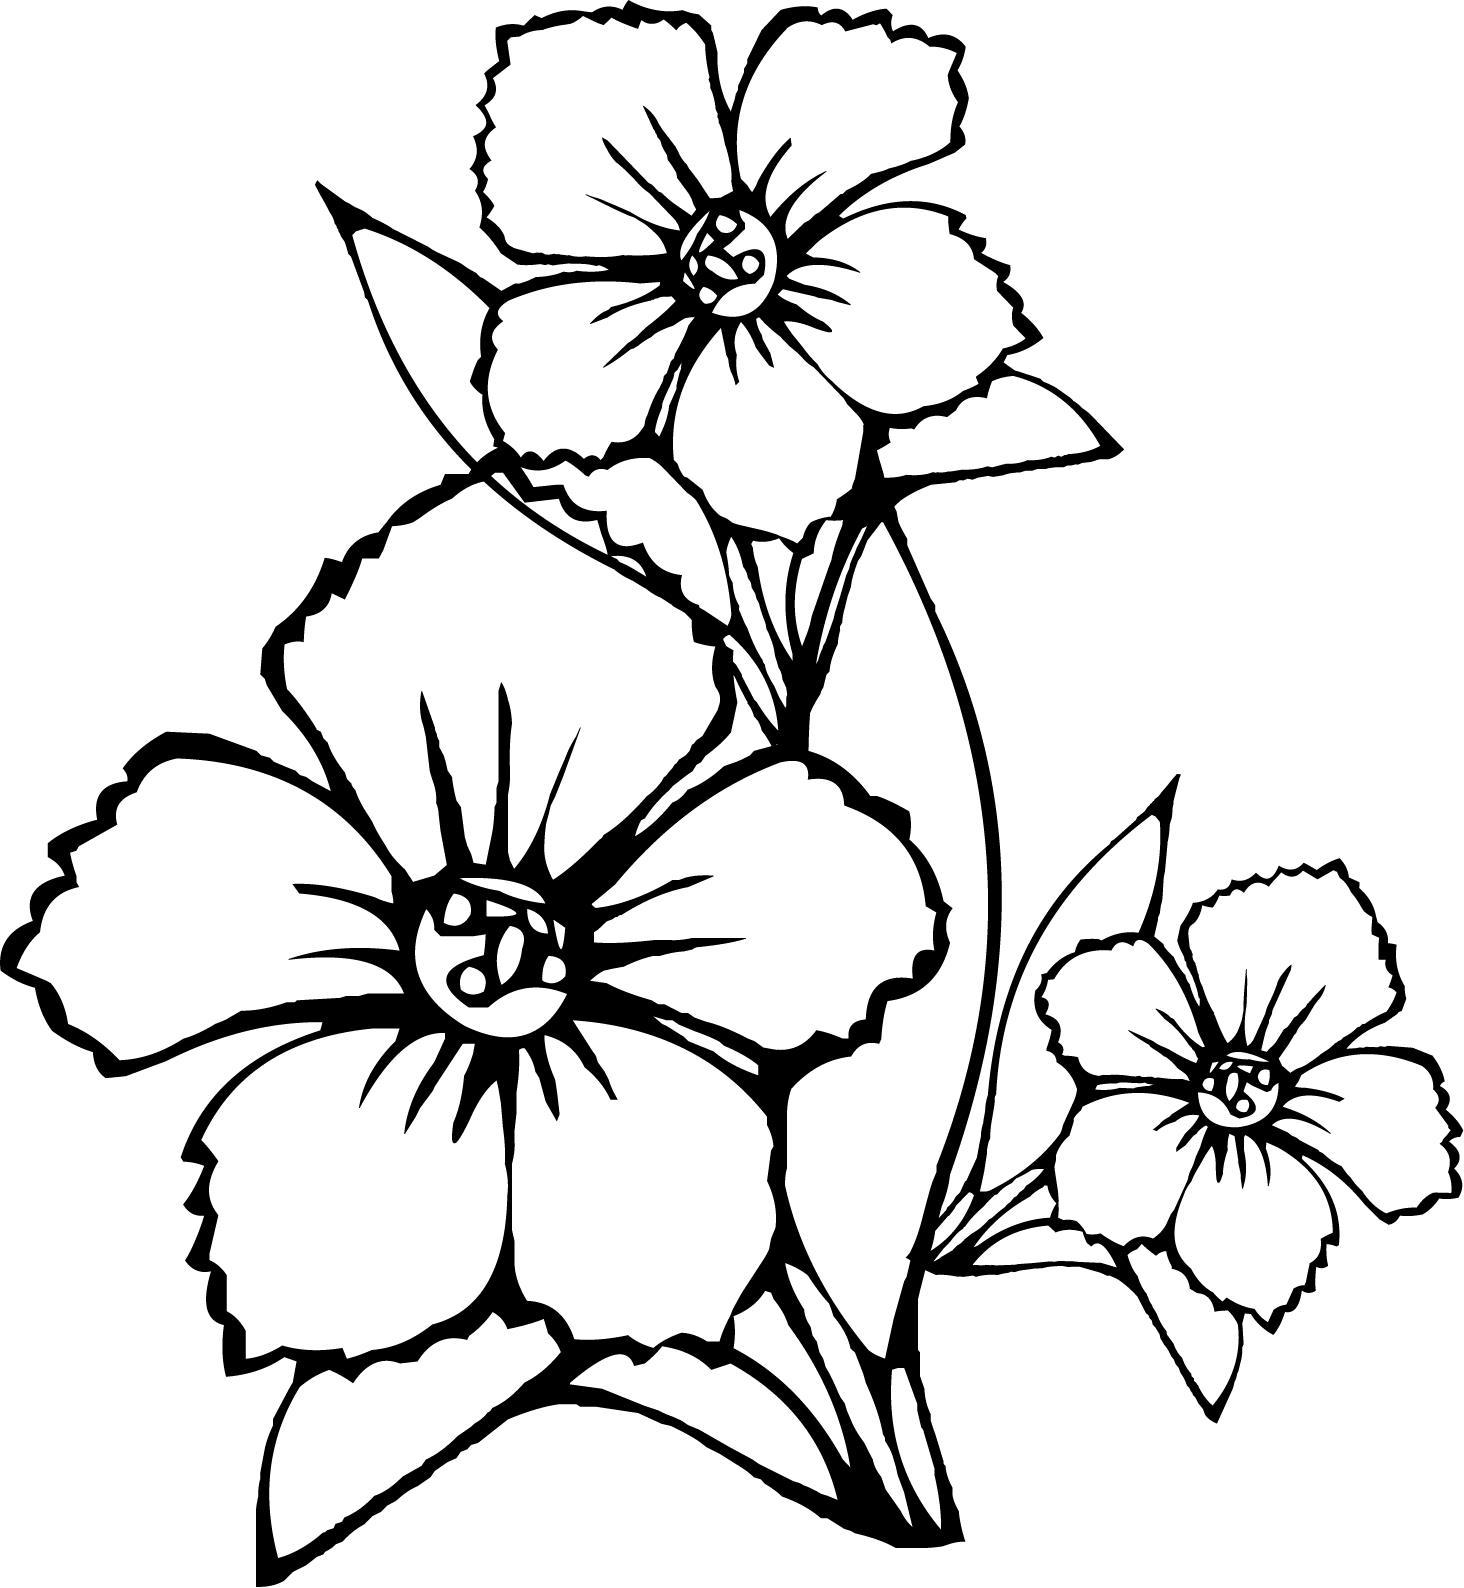 Цветочки с волнистыми лепестками цветы раскраски онлайн бесплатно